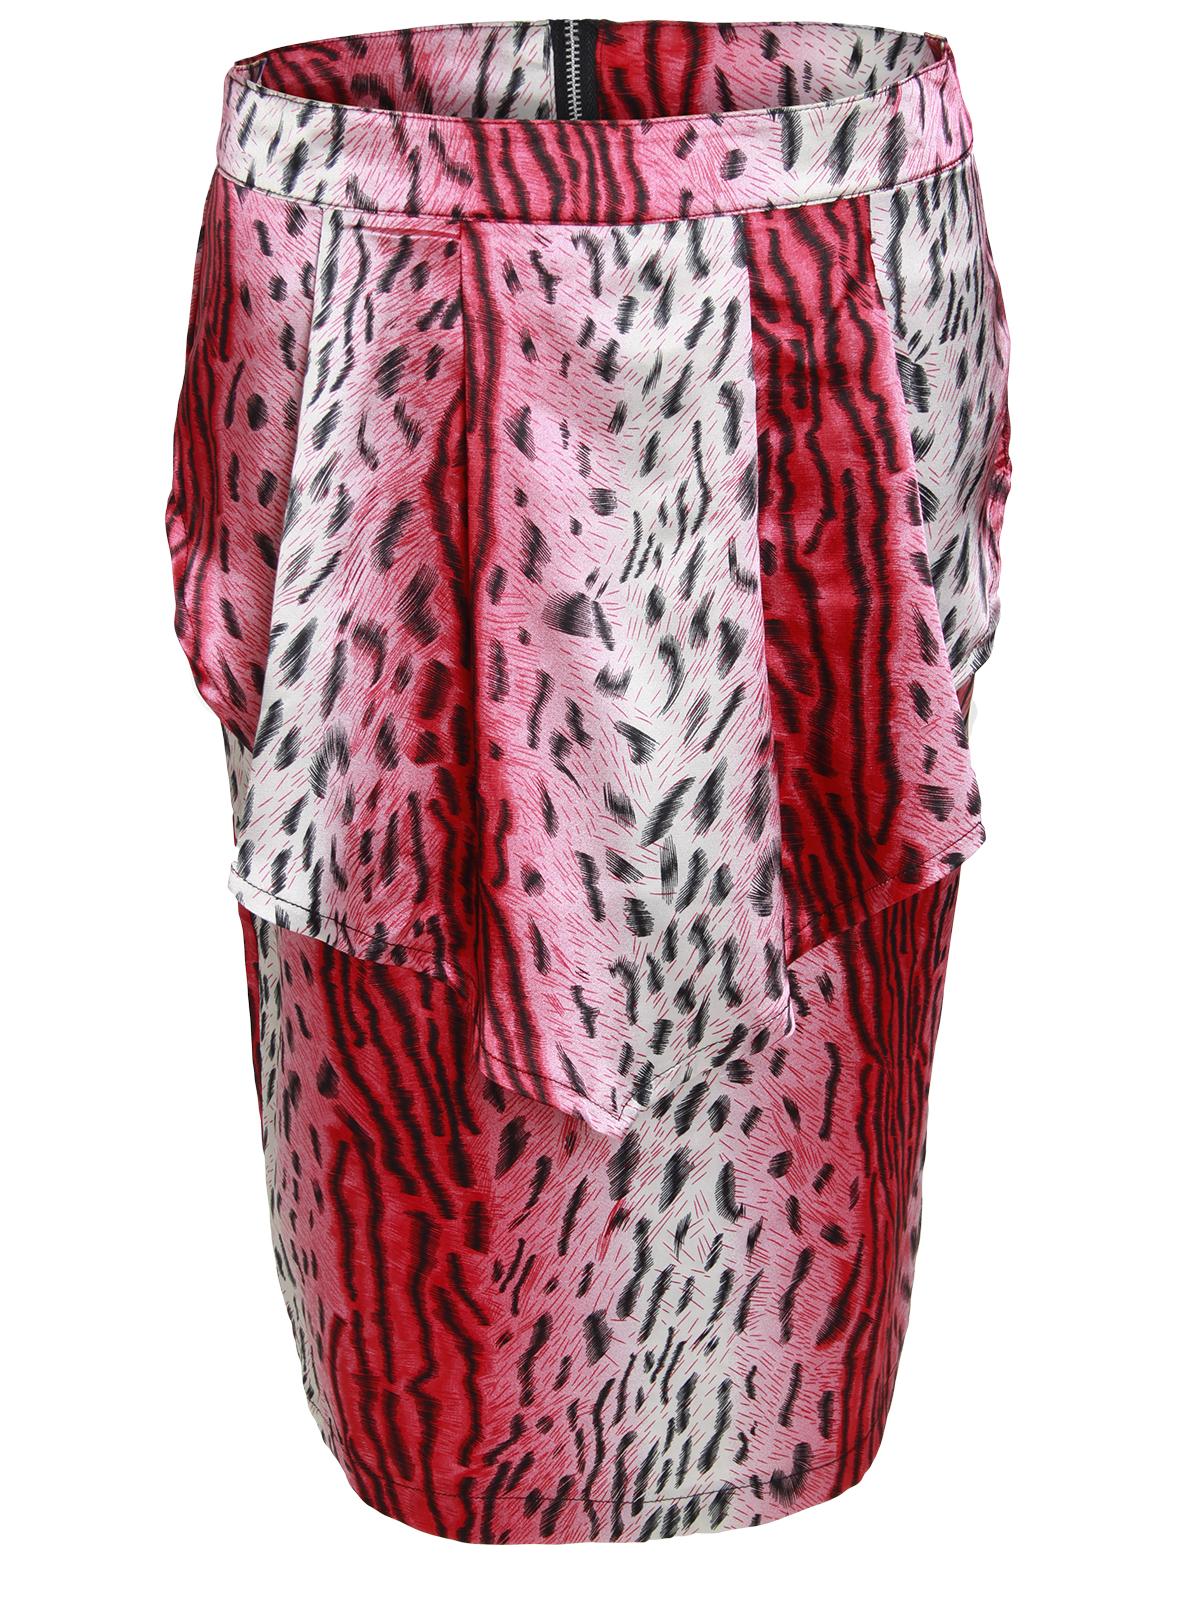 Wholesale Joblot of 12 Ladies Leopard Printed Vintage Peplum Frill Midi Skirt